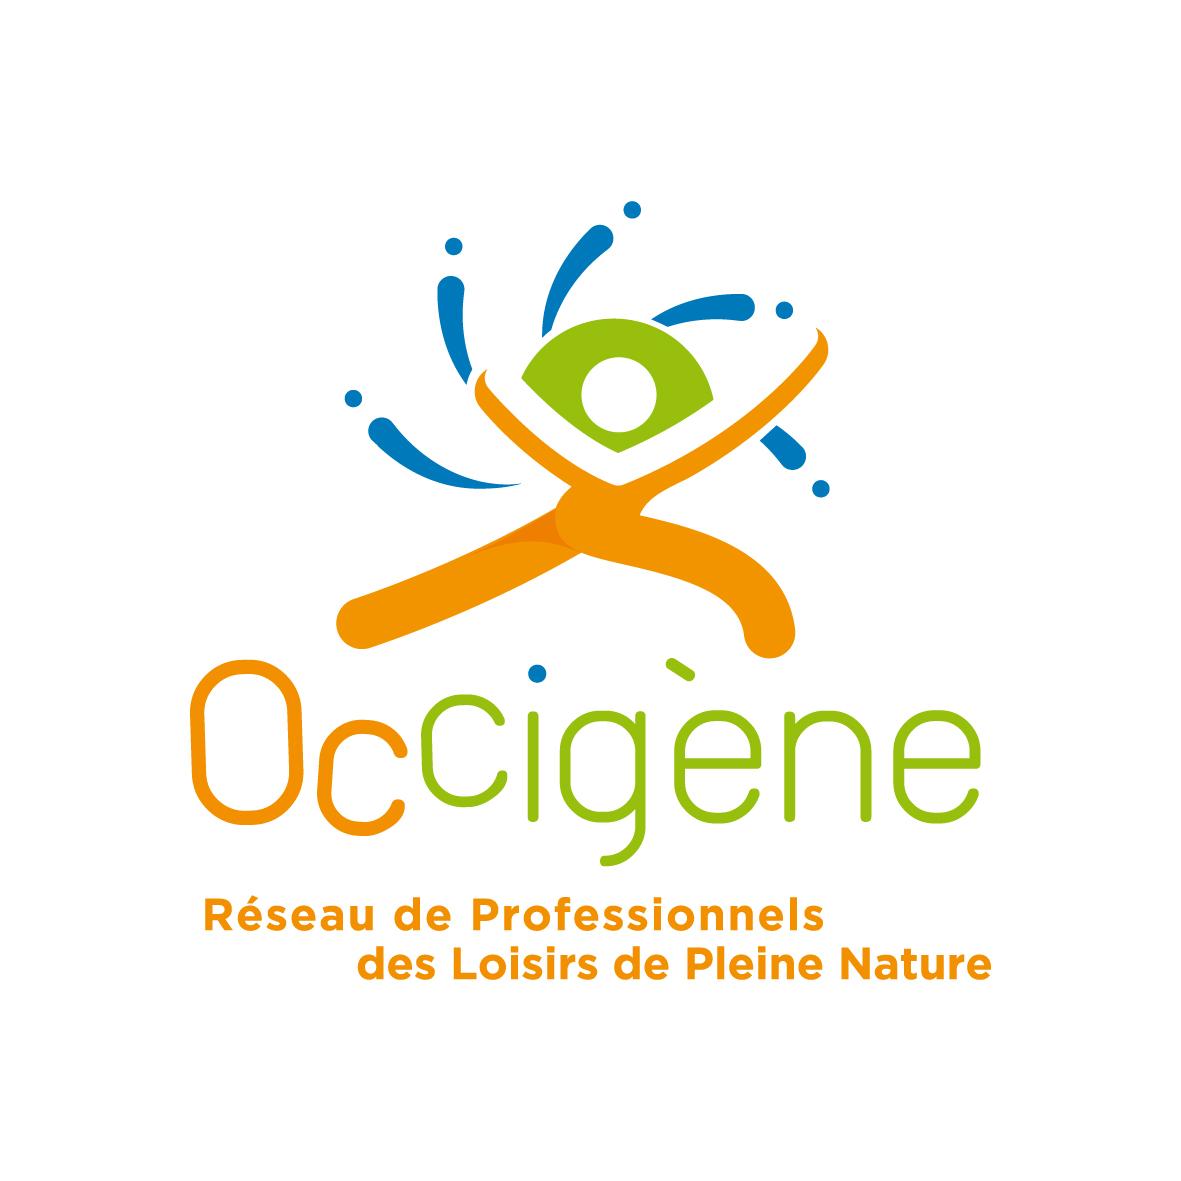 OCCIGENE_0